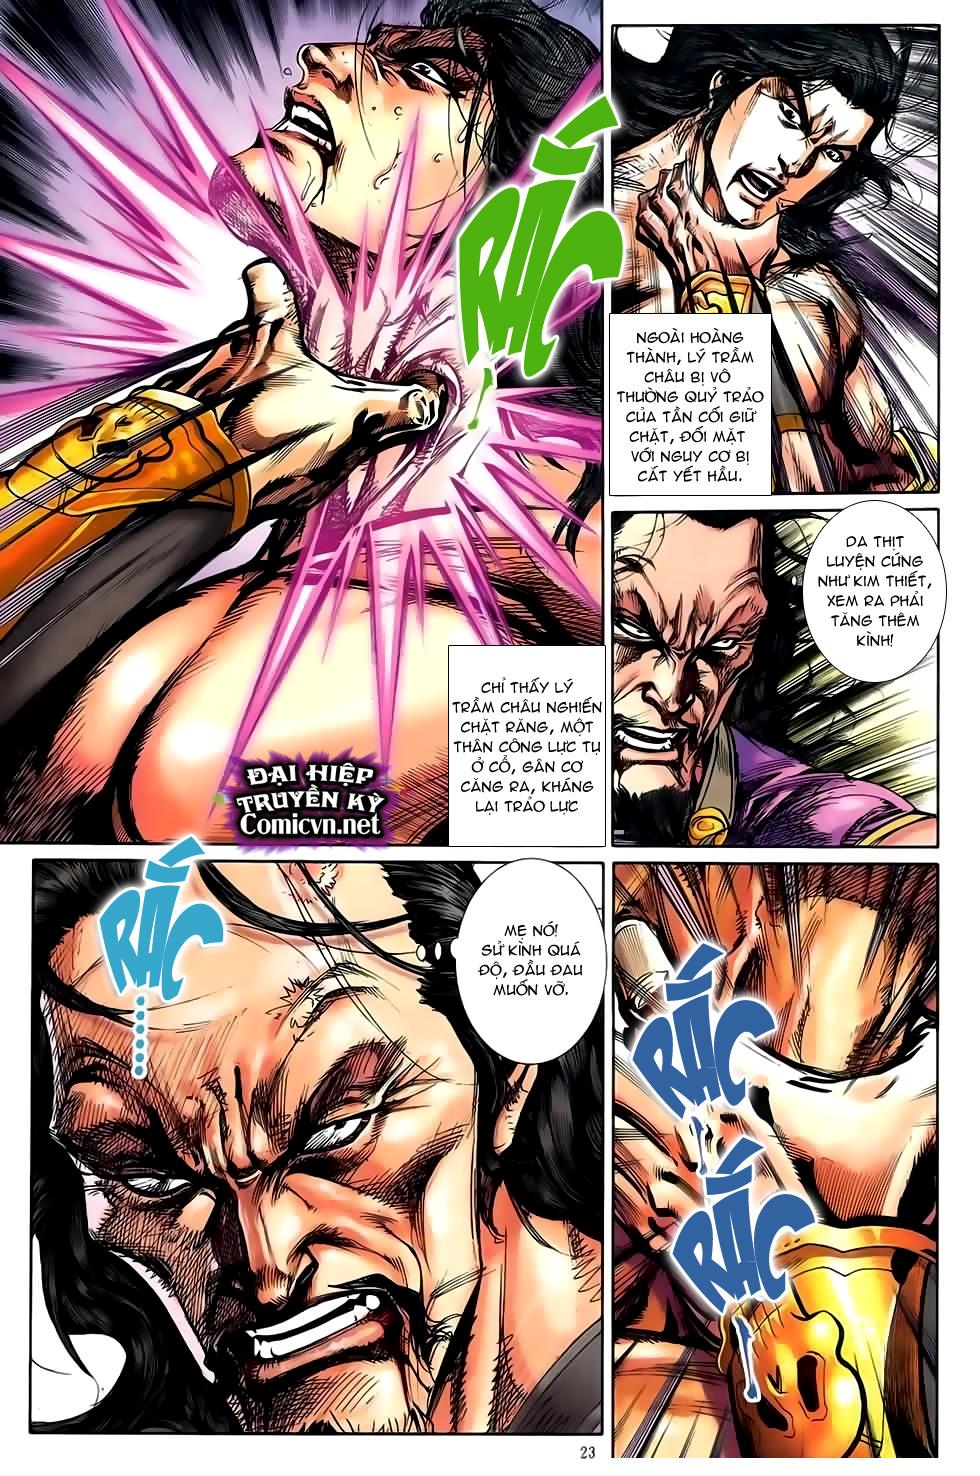 Đại Hiệp Truyền Kỳ (Thần Châu Hậu Truyện) chap 51 - Trang 20